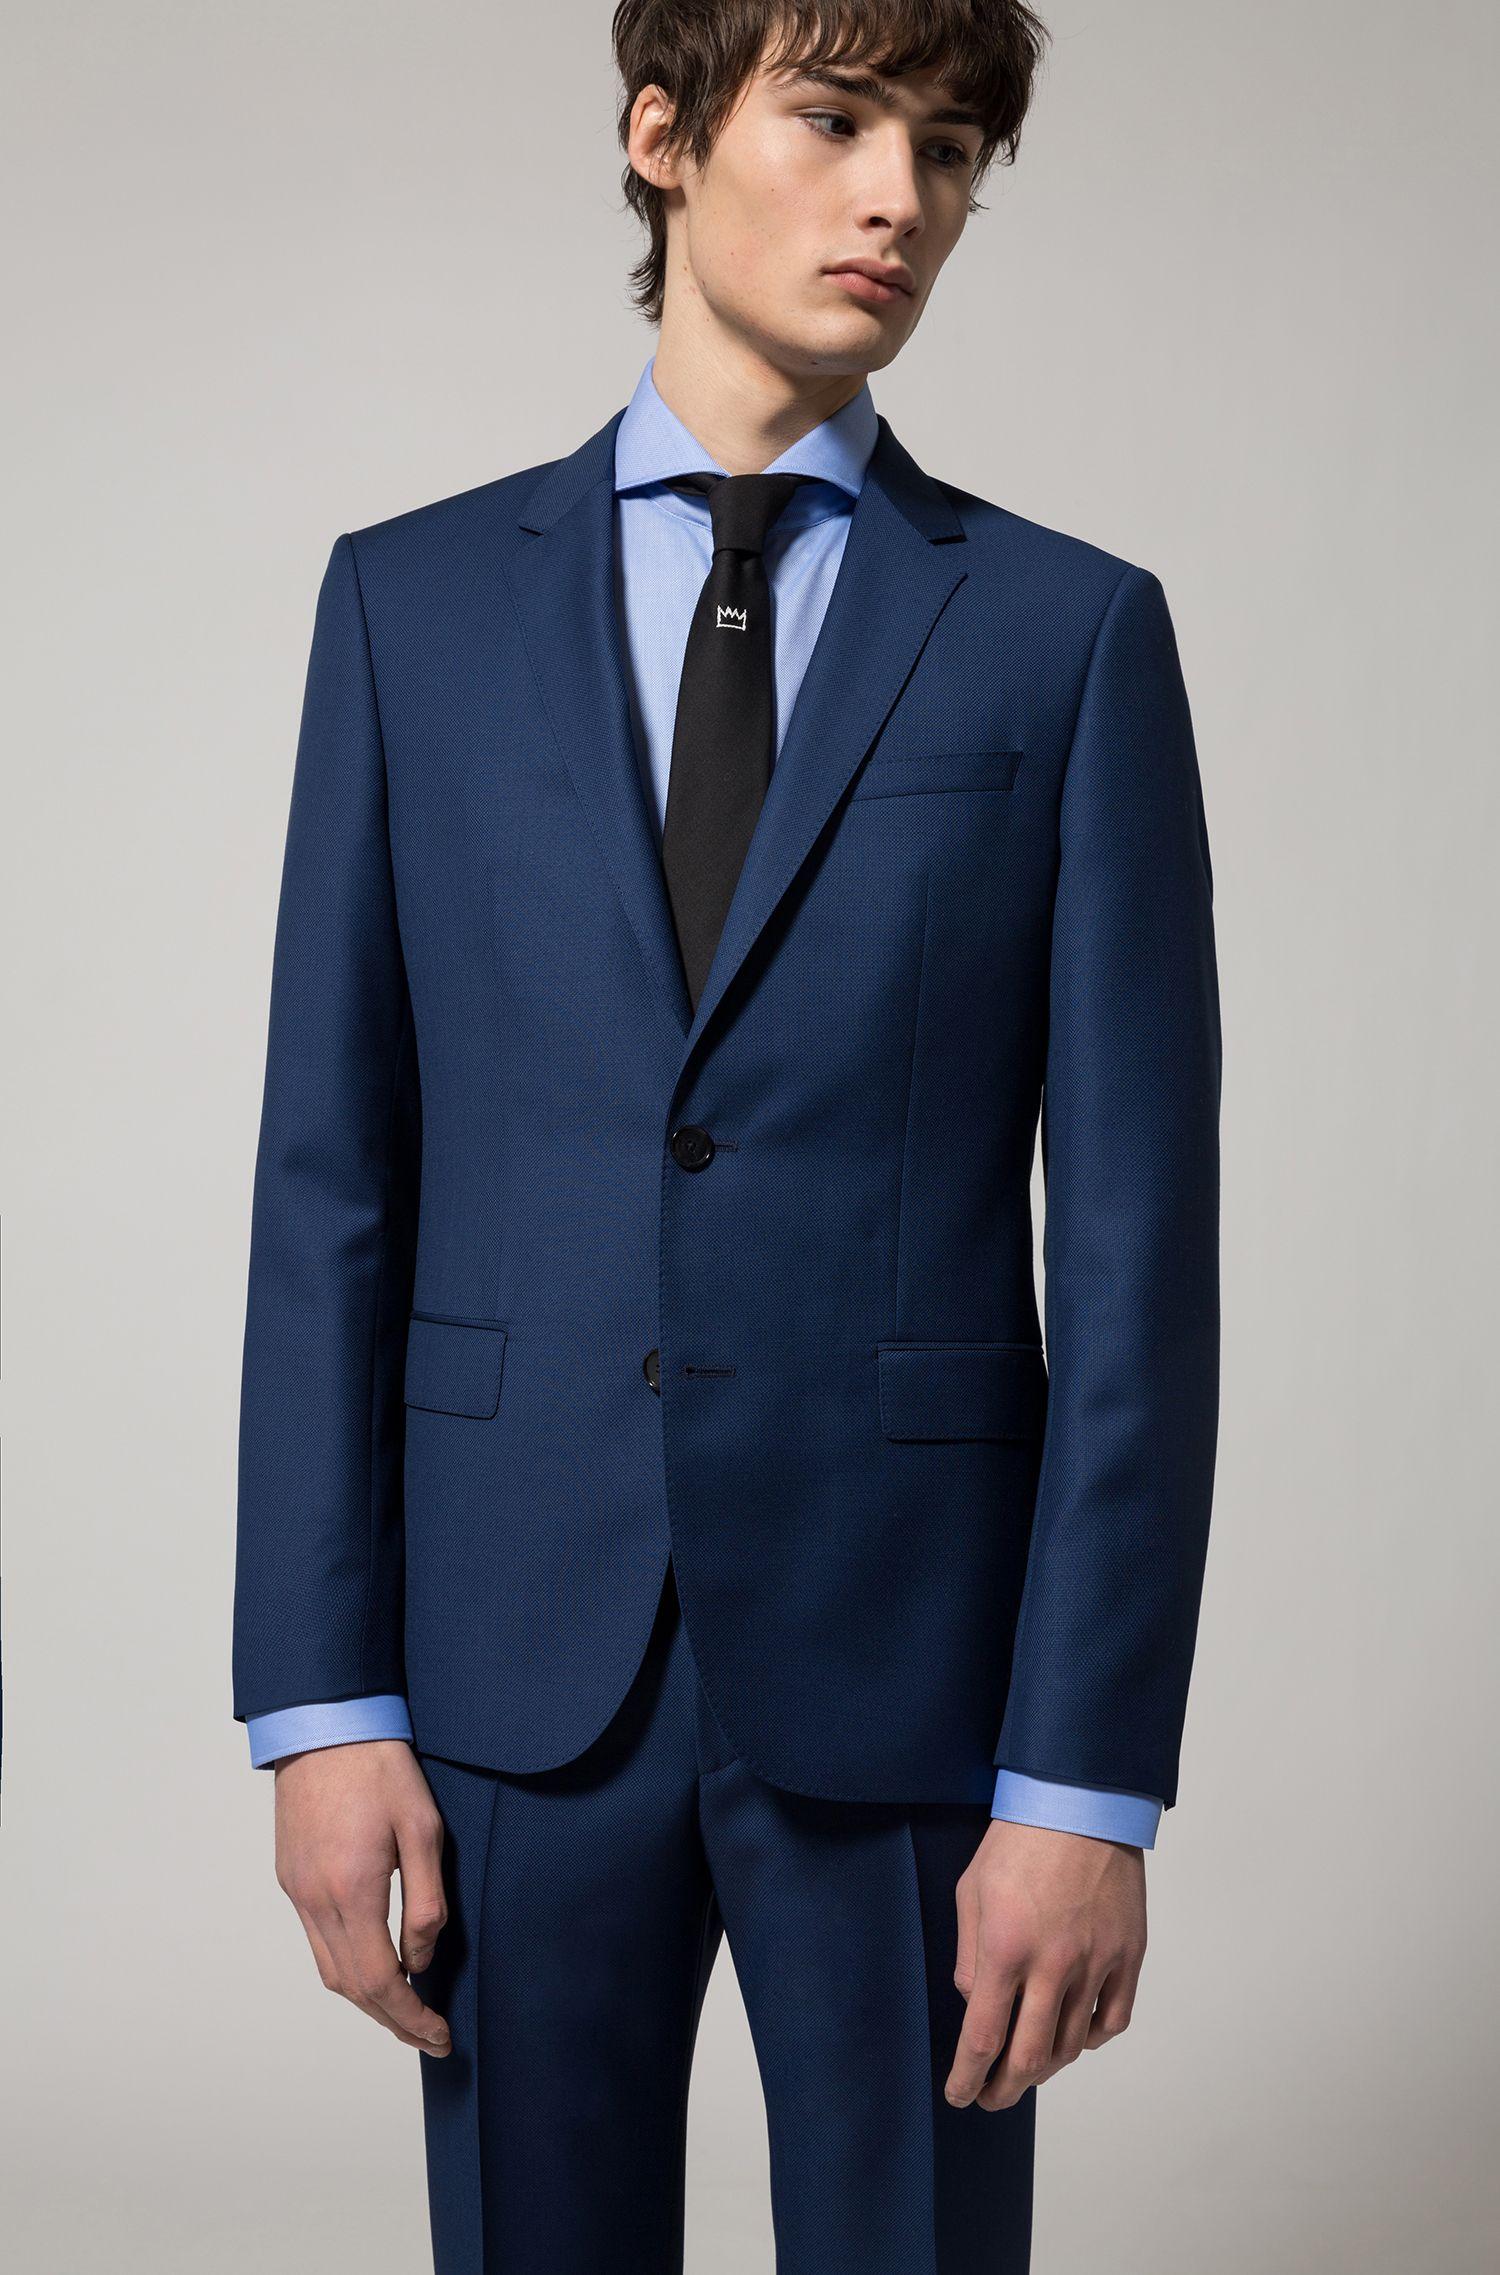 Camicia regular fit in cotone facile da stirare